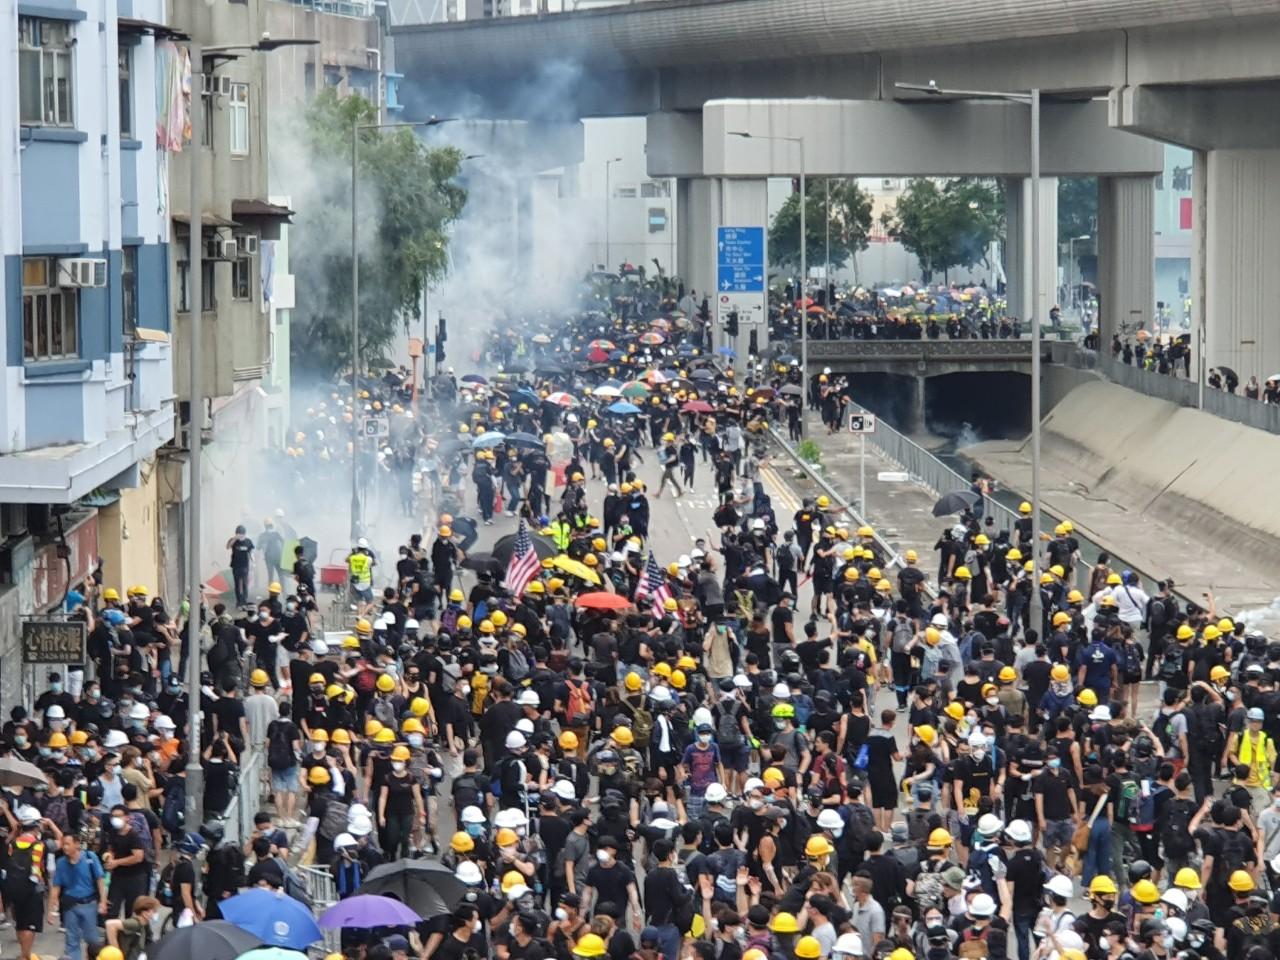 홍콩, 20세기 제국과 21세기 제국 사이에 놓이다 (사진 2).jpg